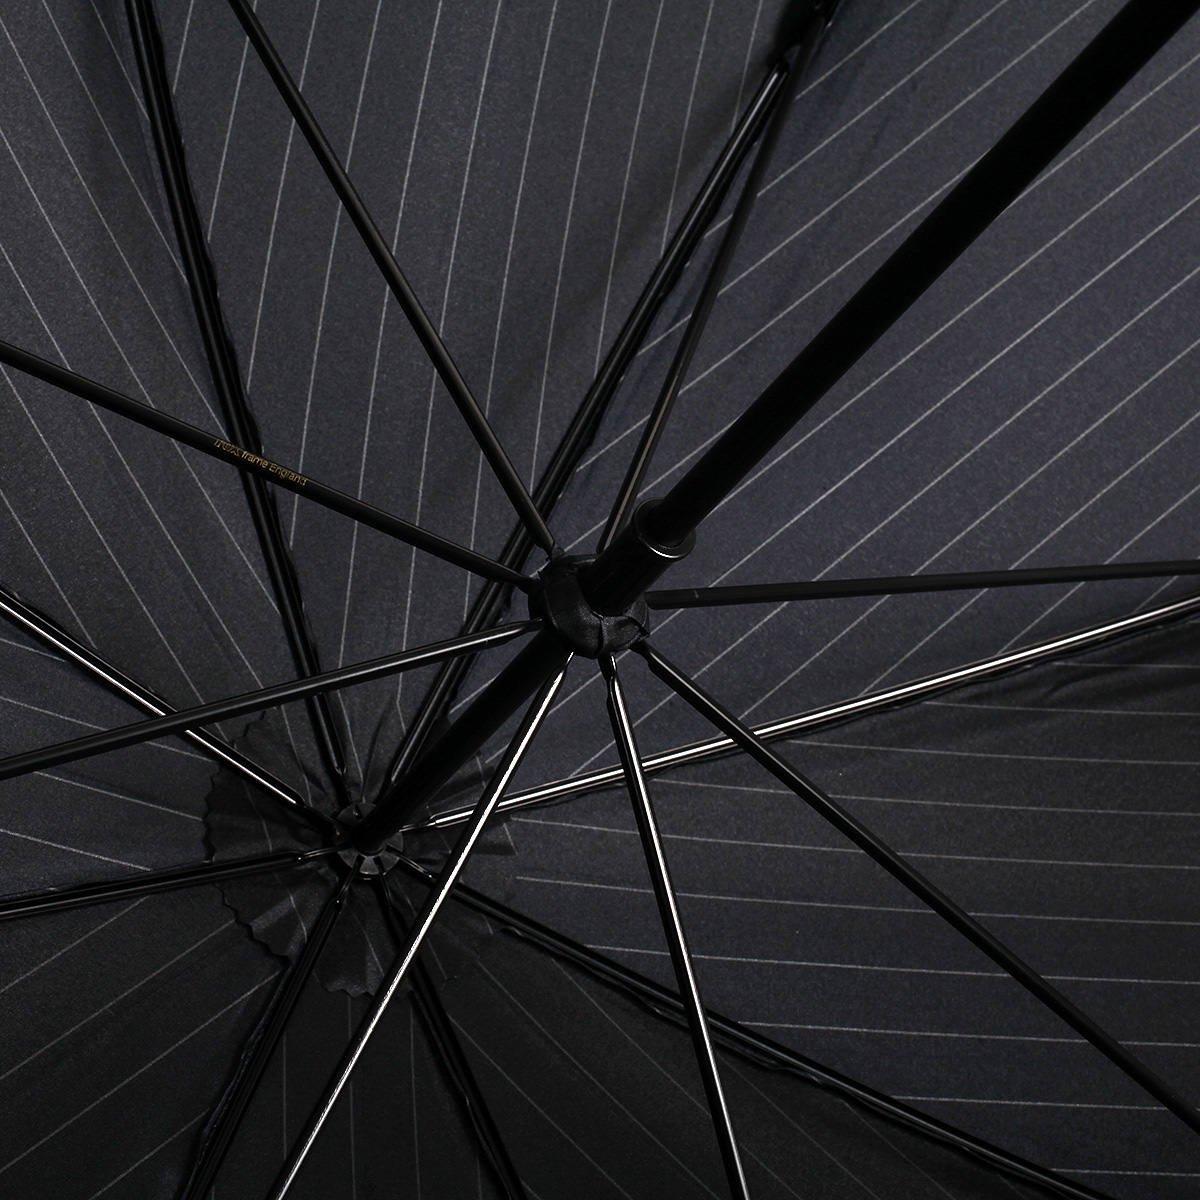 【WEB限定】FOX Frames ピンストライプ 長傘(ネイビー) 詳細画像9